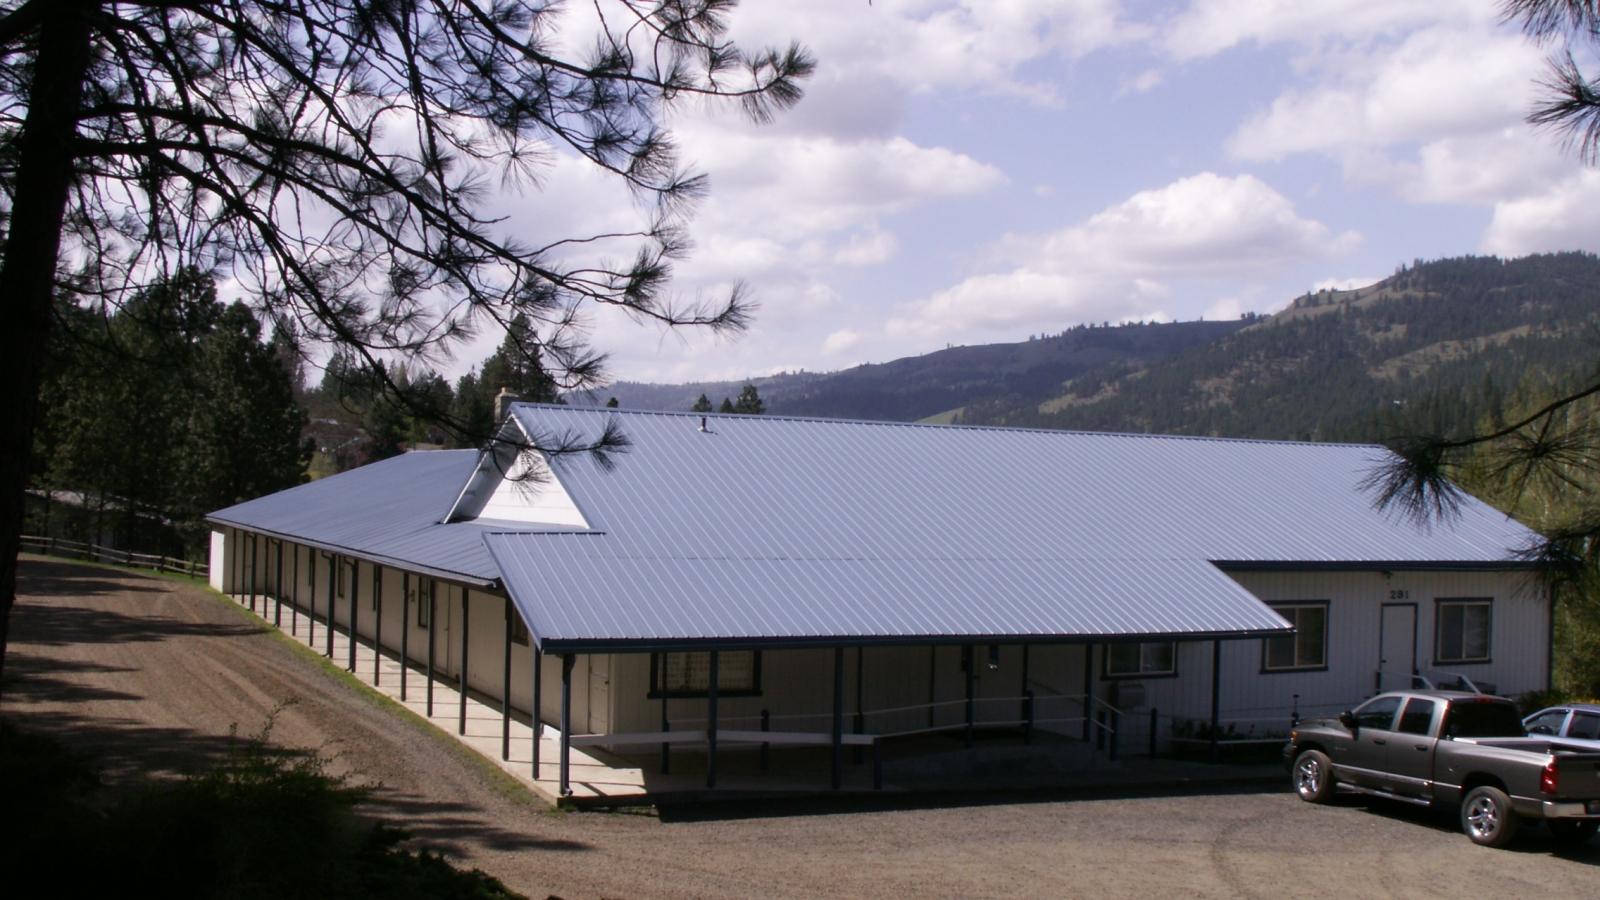 Church southwest